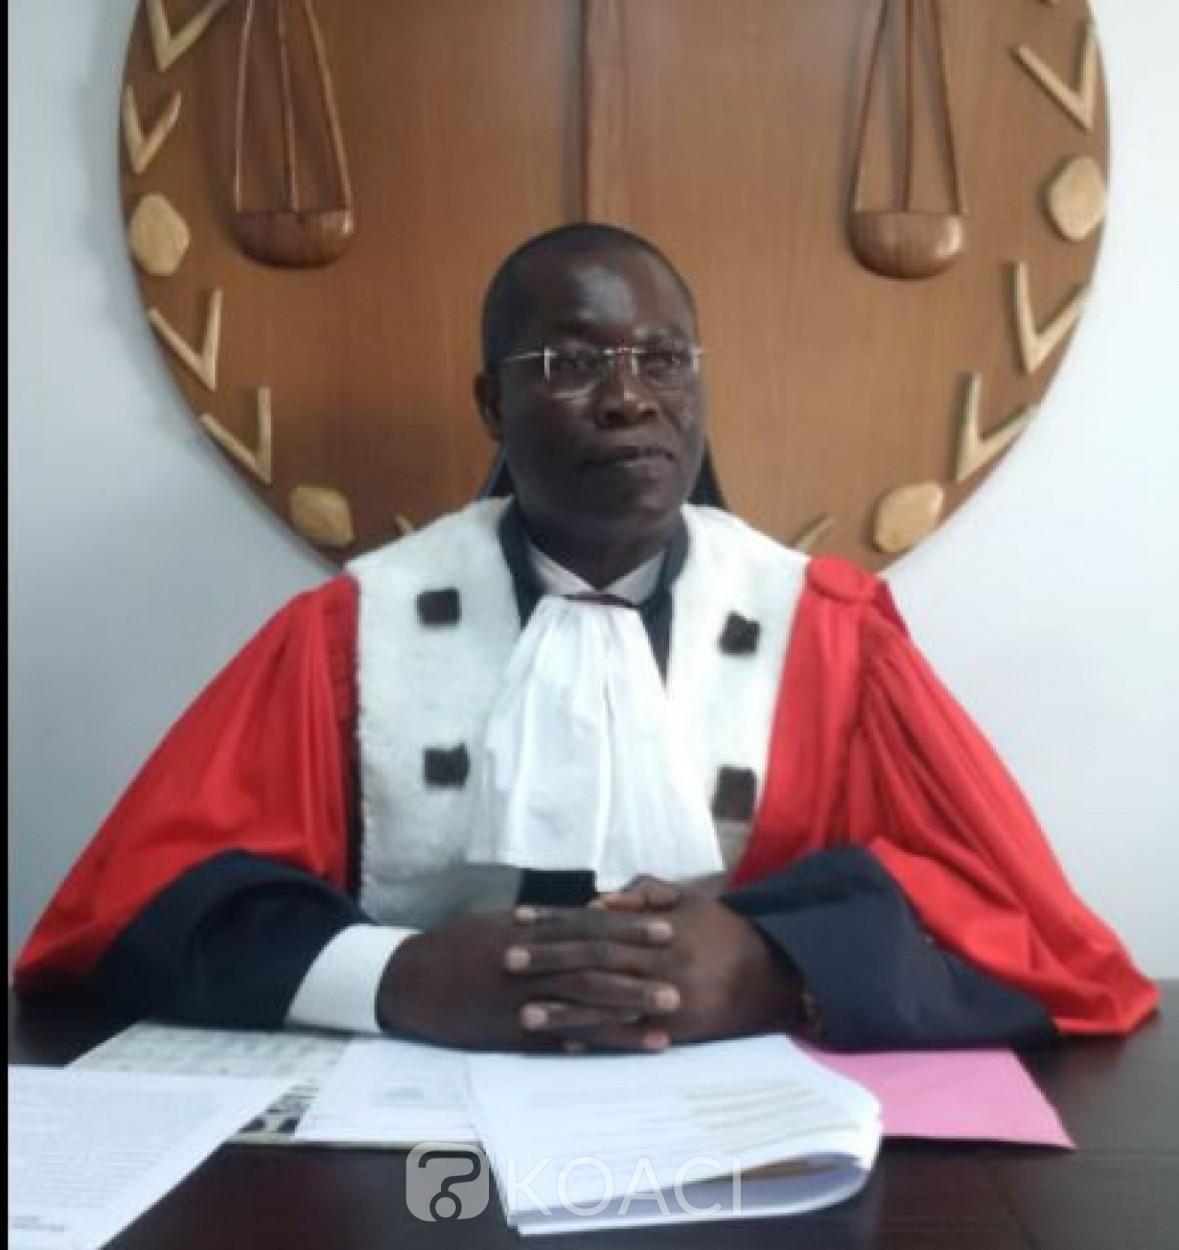 Côte d'Ivoire : Ange Kessi rappelle à tous ceux qui sont victimes de la barbarie des hommes en tenue de porter plainte, et rassure « ça ira quelque part »